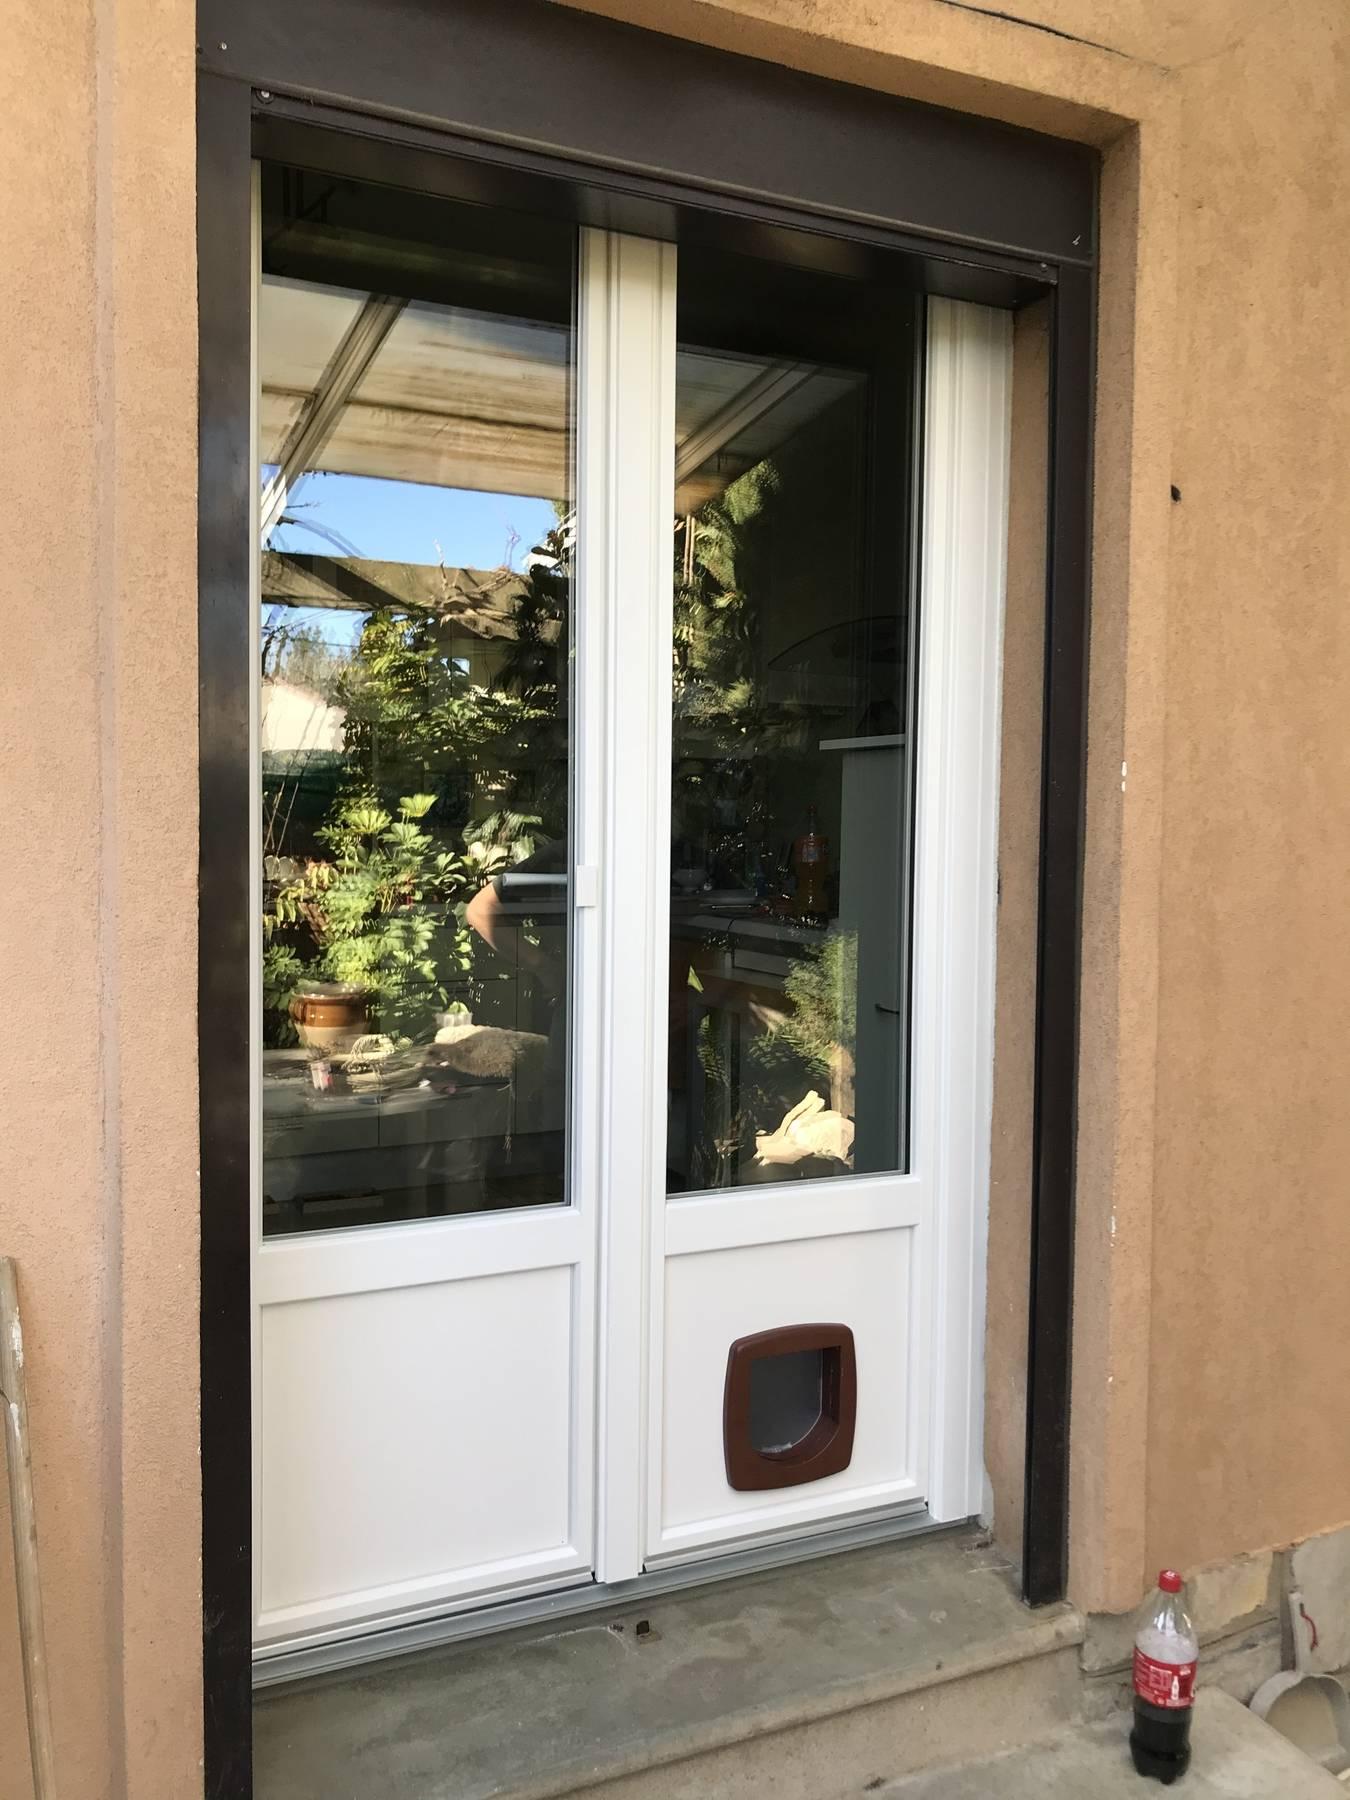 Renovation D Une Porte Fenetre Oscillo Battante En Pvc Avec Chatiere A Beaucaire Dans Le Gard En Region Occitanie 30 Gdm